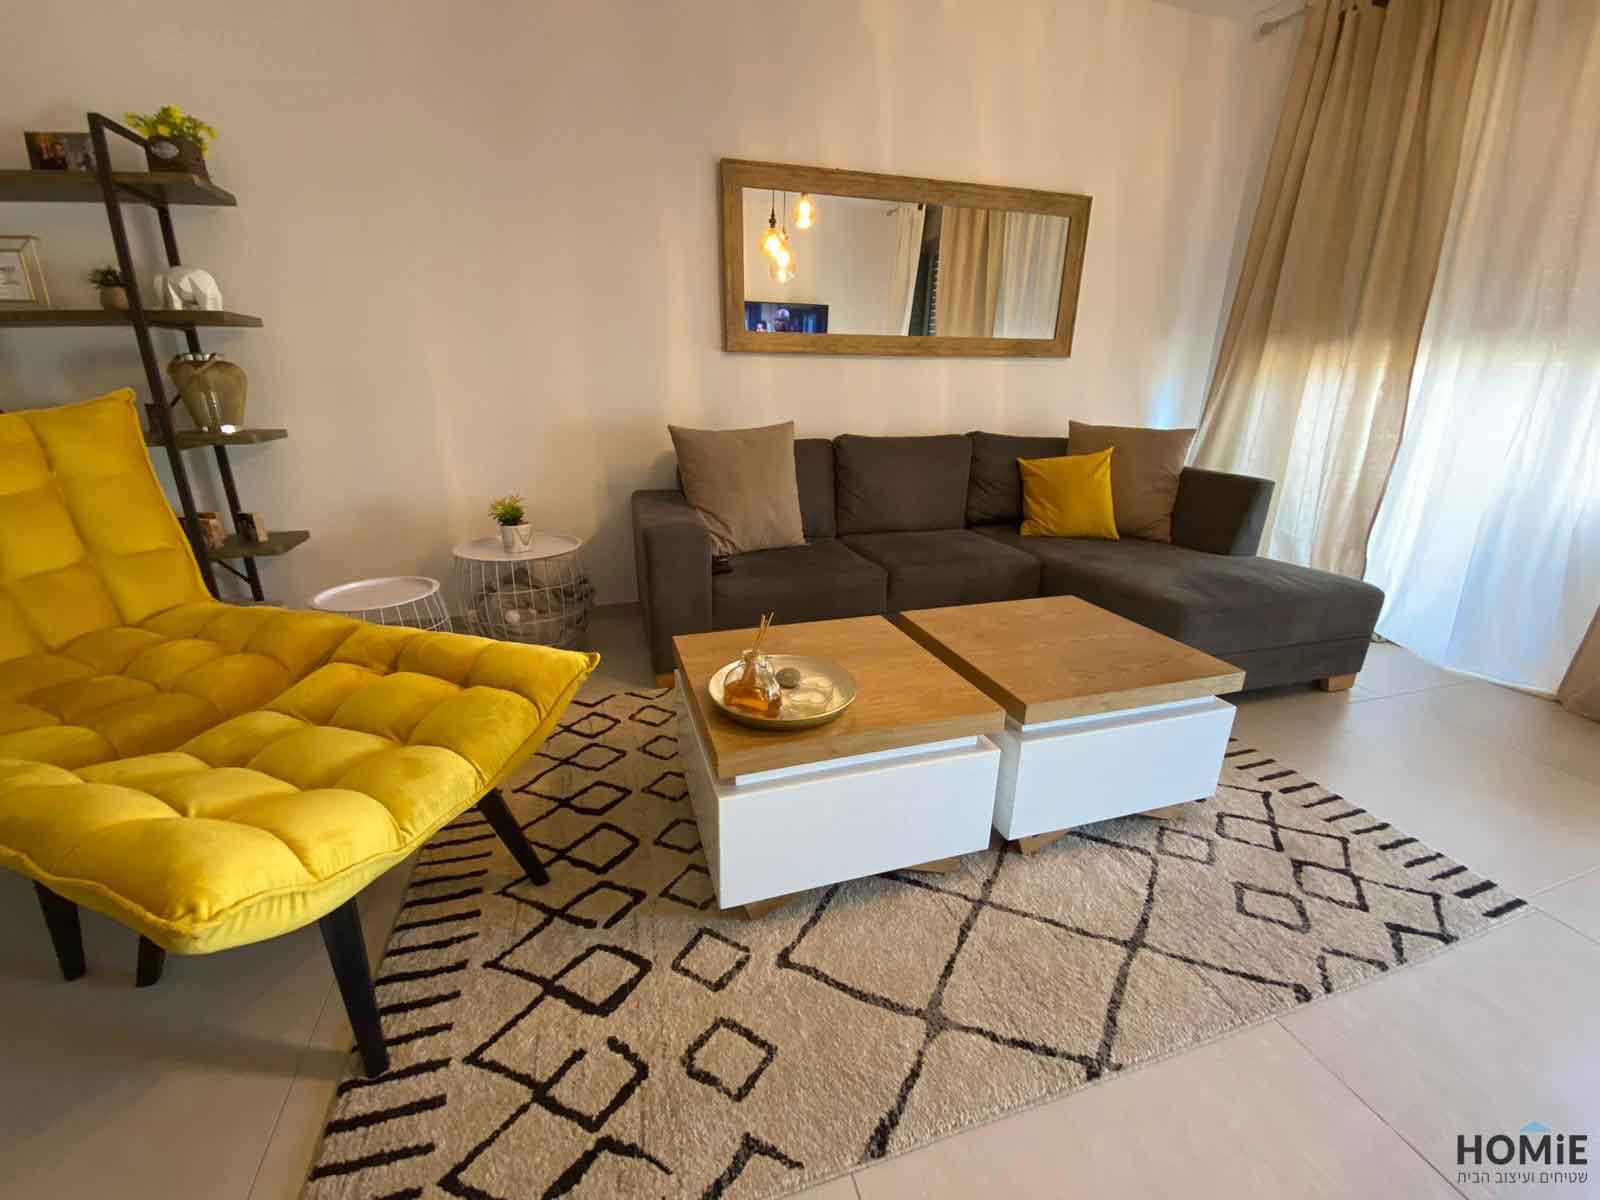 שטיח גיאומטרי מודרני חום בז' מעויינים לסלון